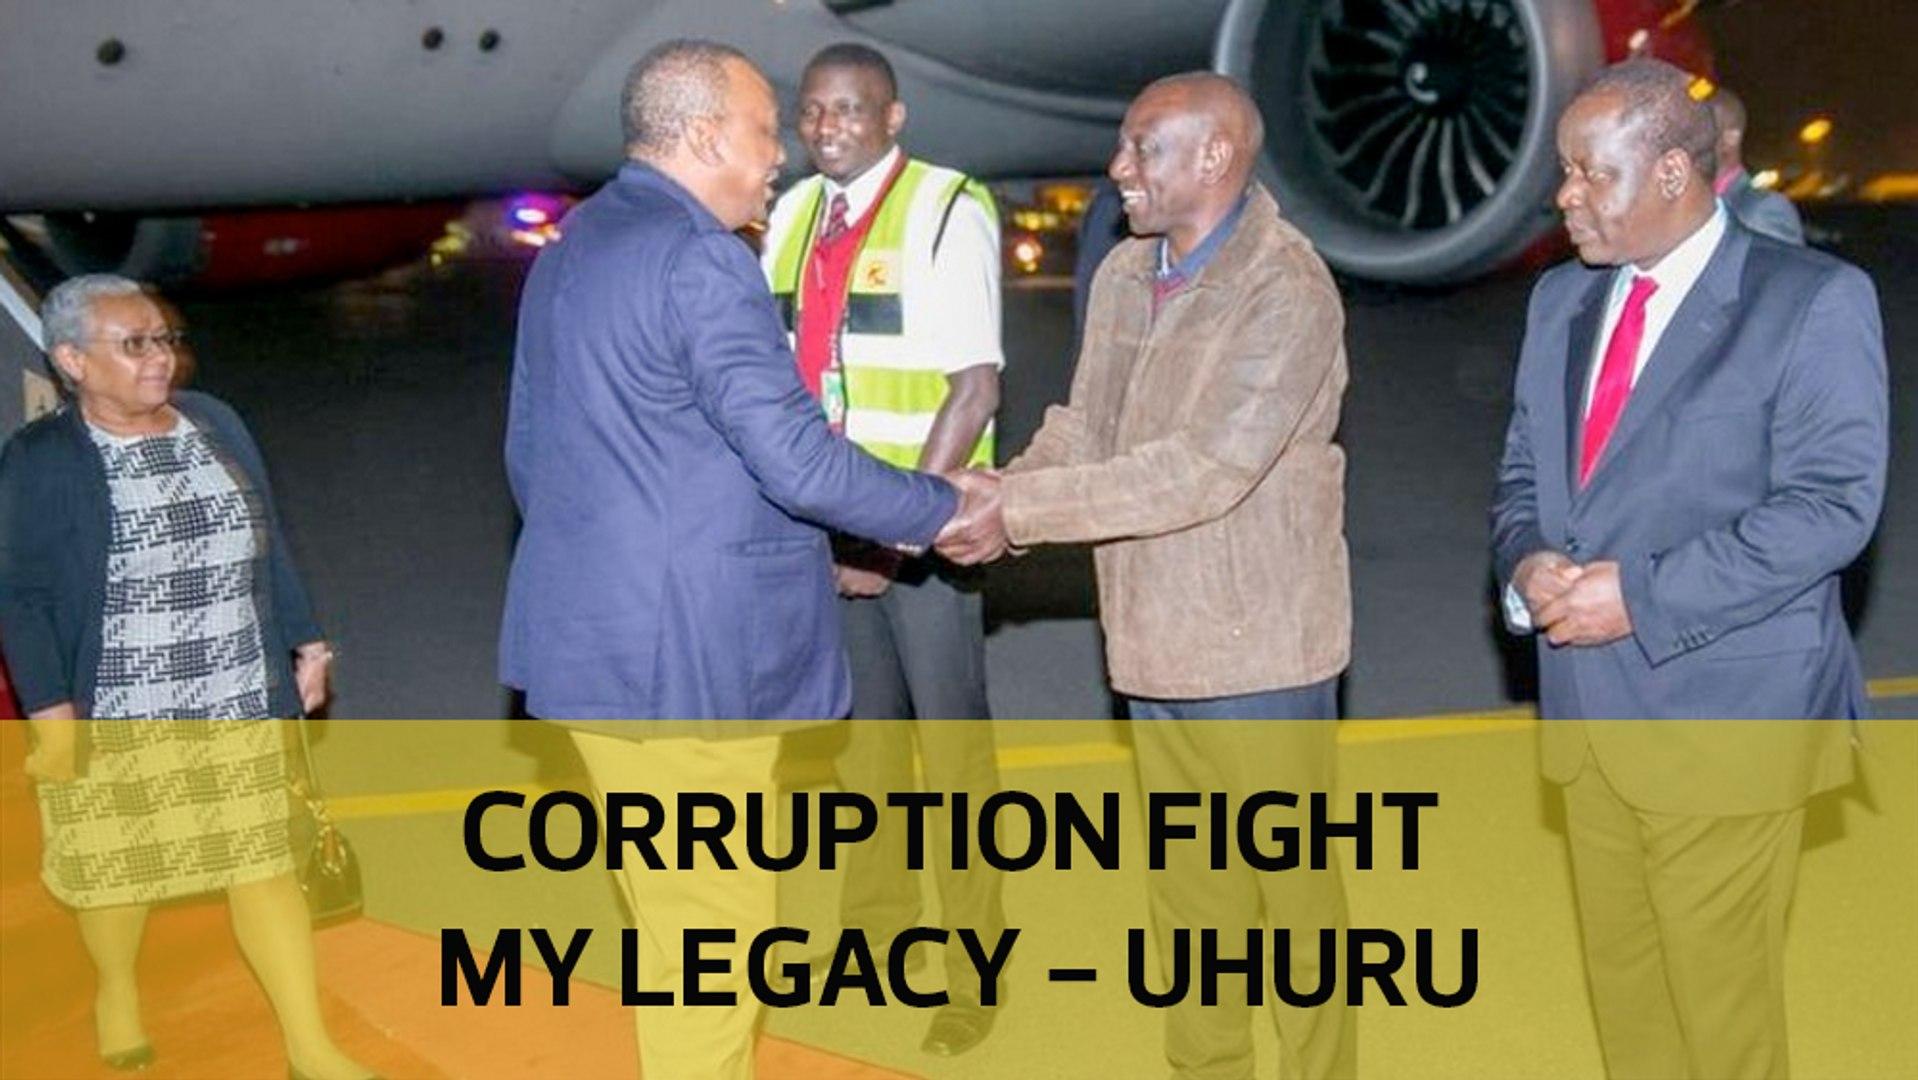 Uhuru legacy 2